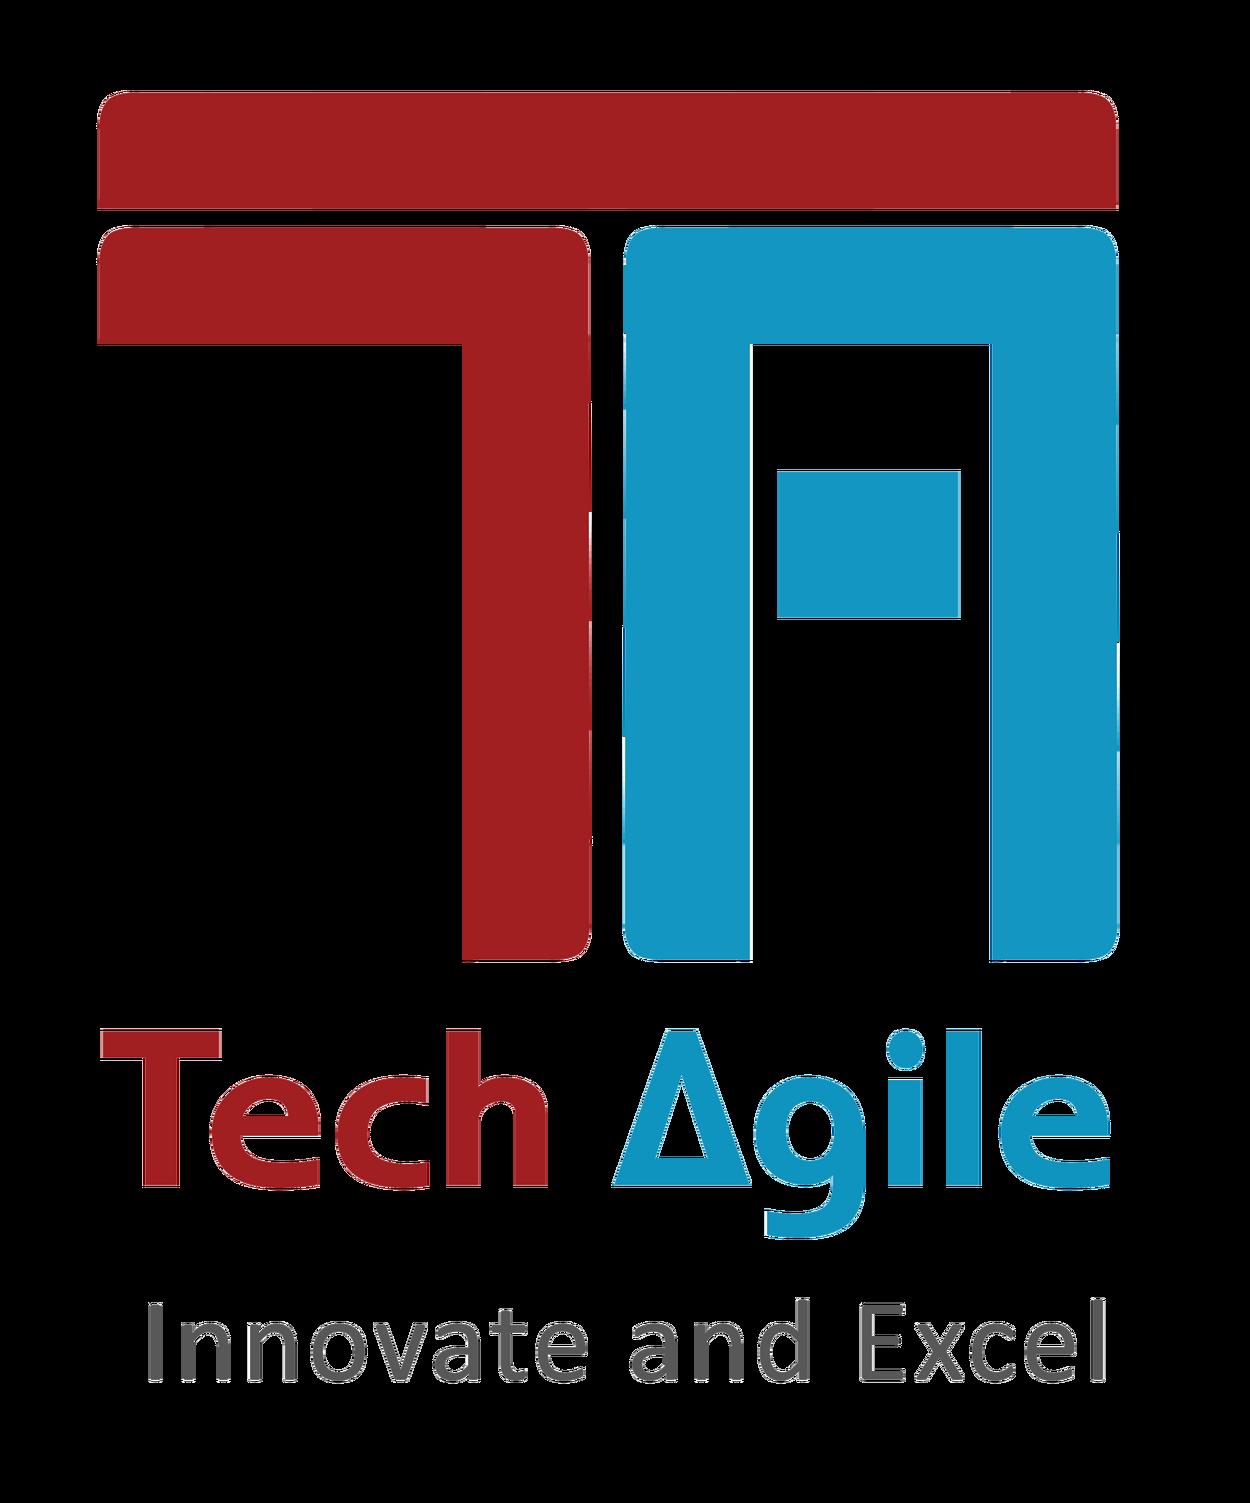 Tech-Agile